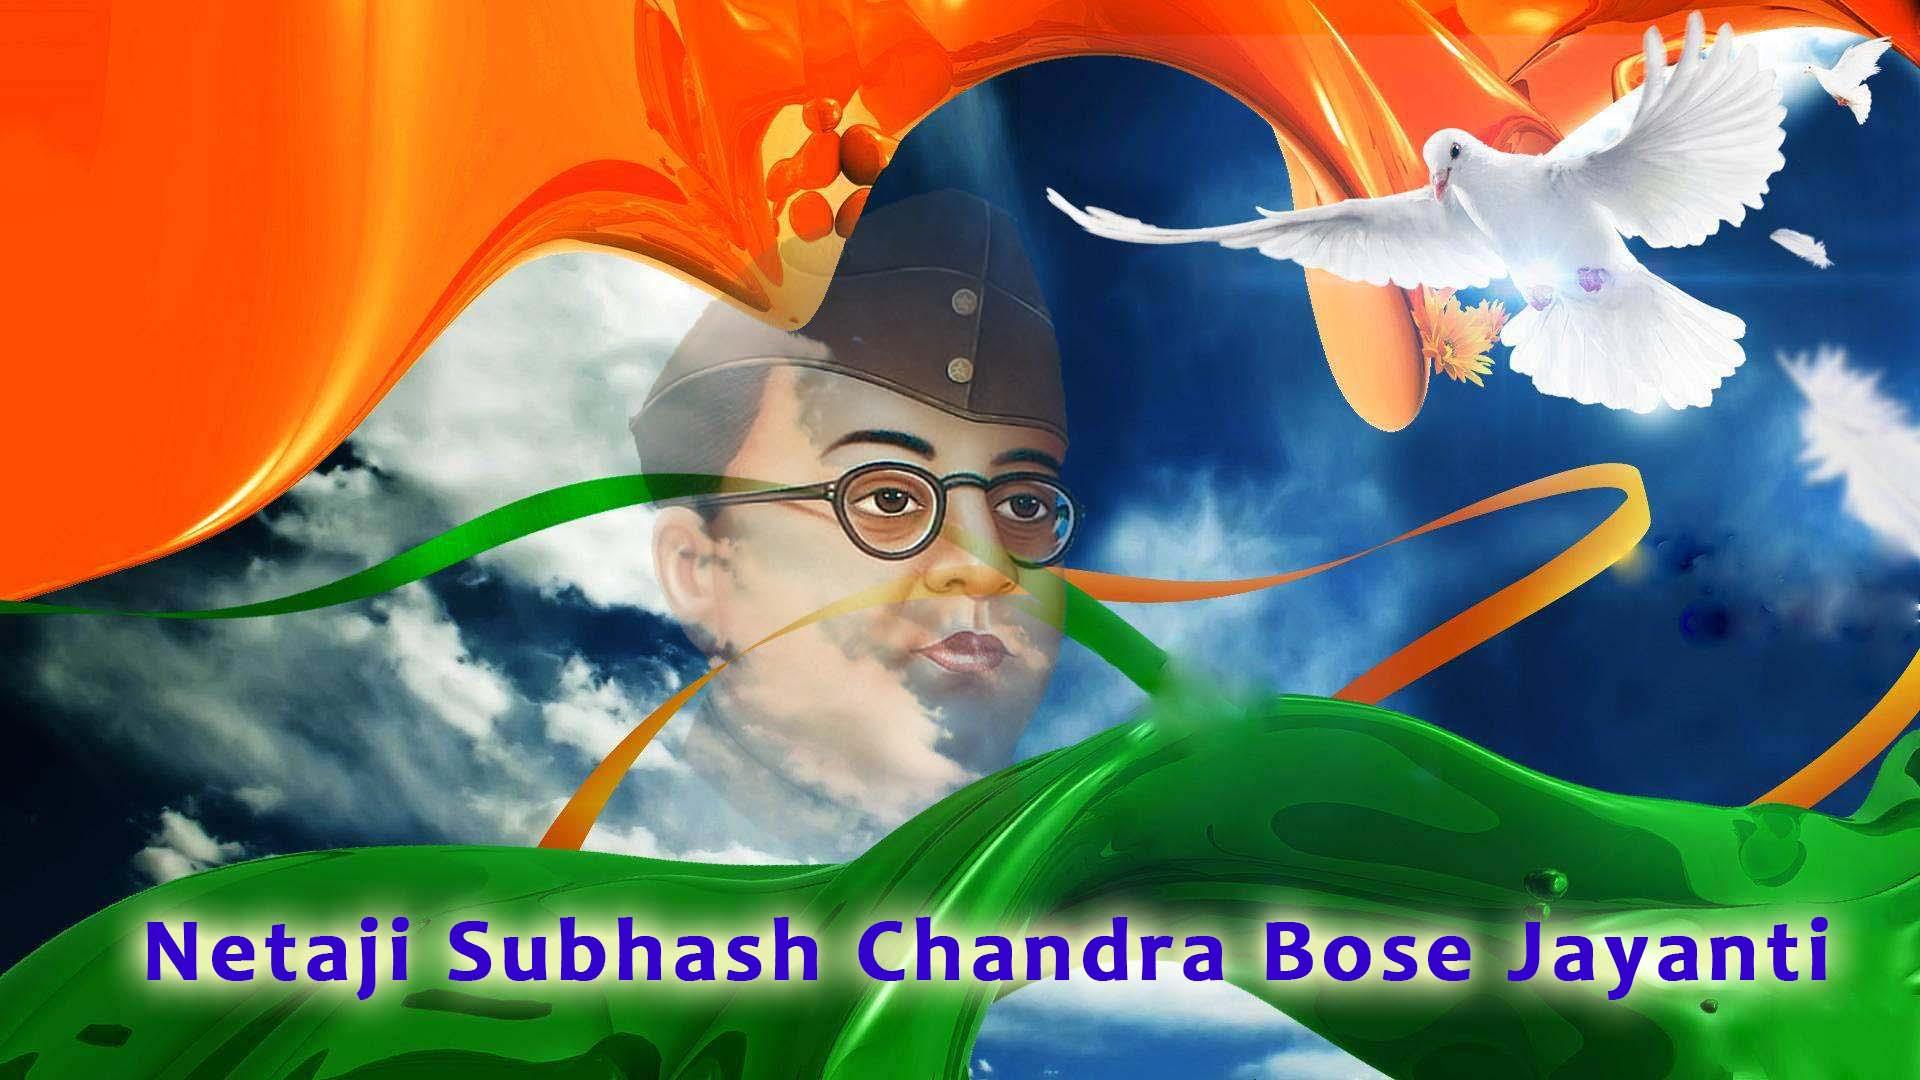 Netaji Subhash Chandra Bose Jayanti Hd Wallpapers